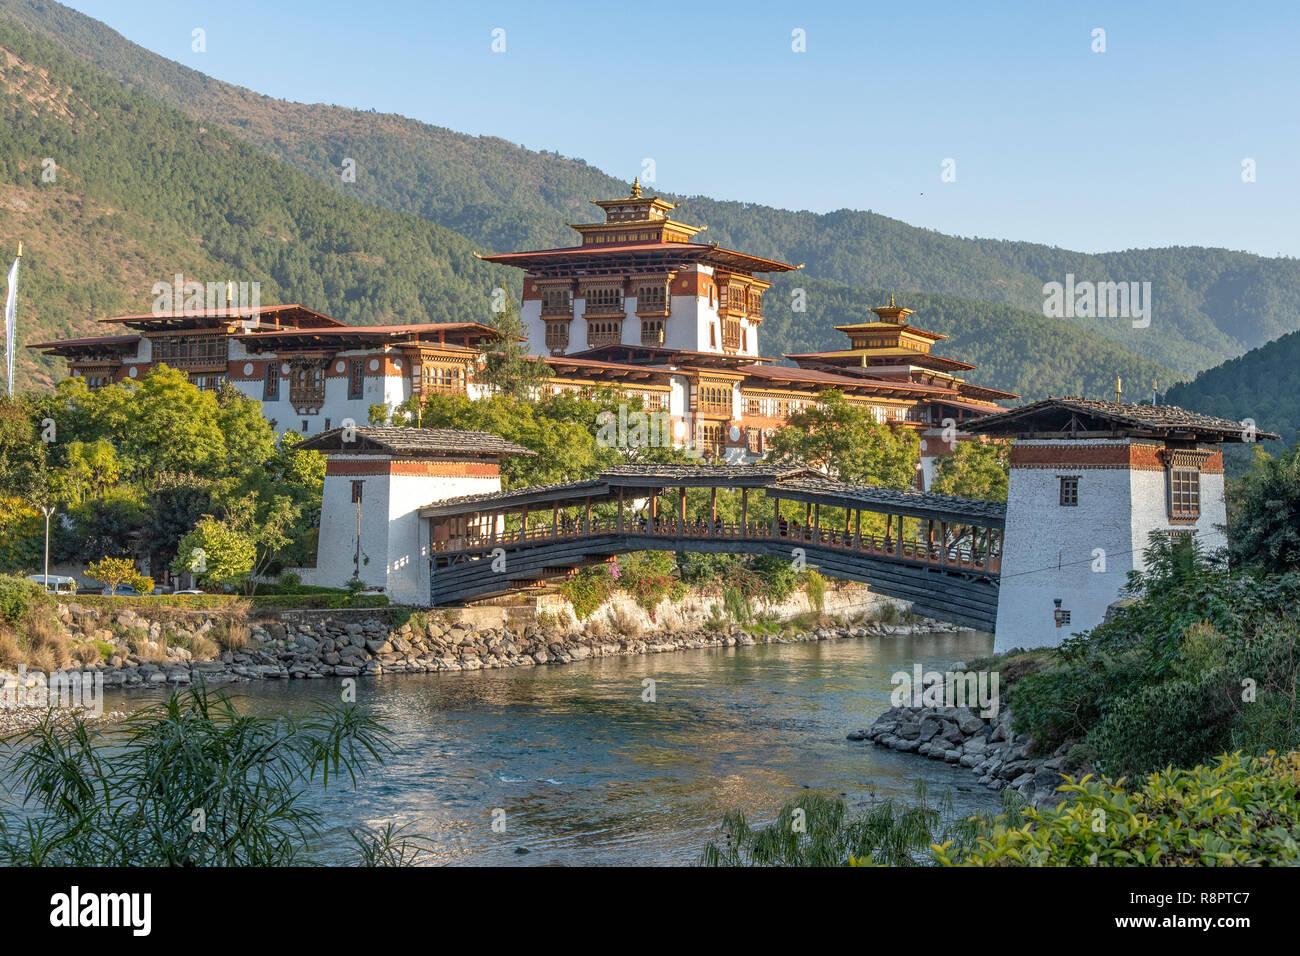 Punakha Dzong, Punakha, Bhutan - Stock Image